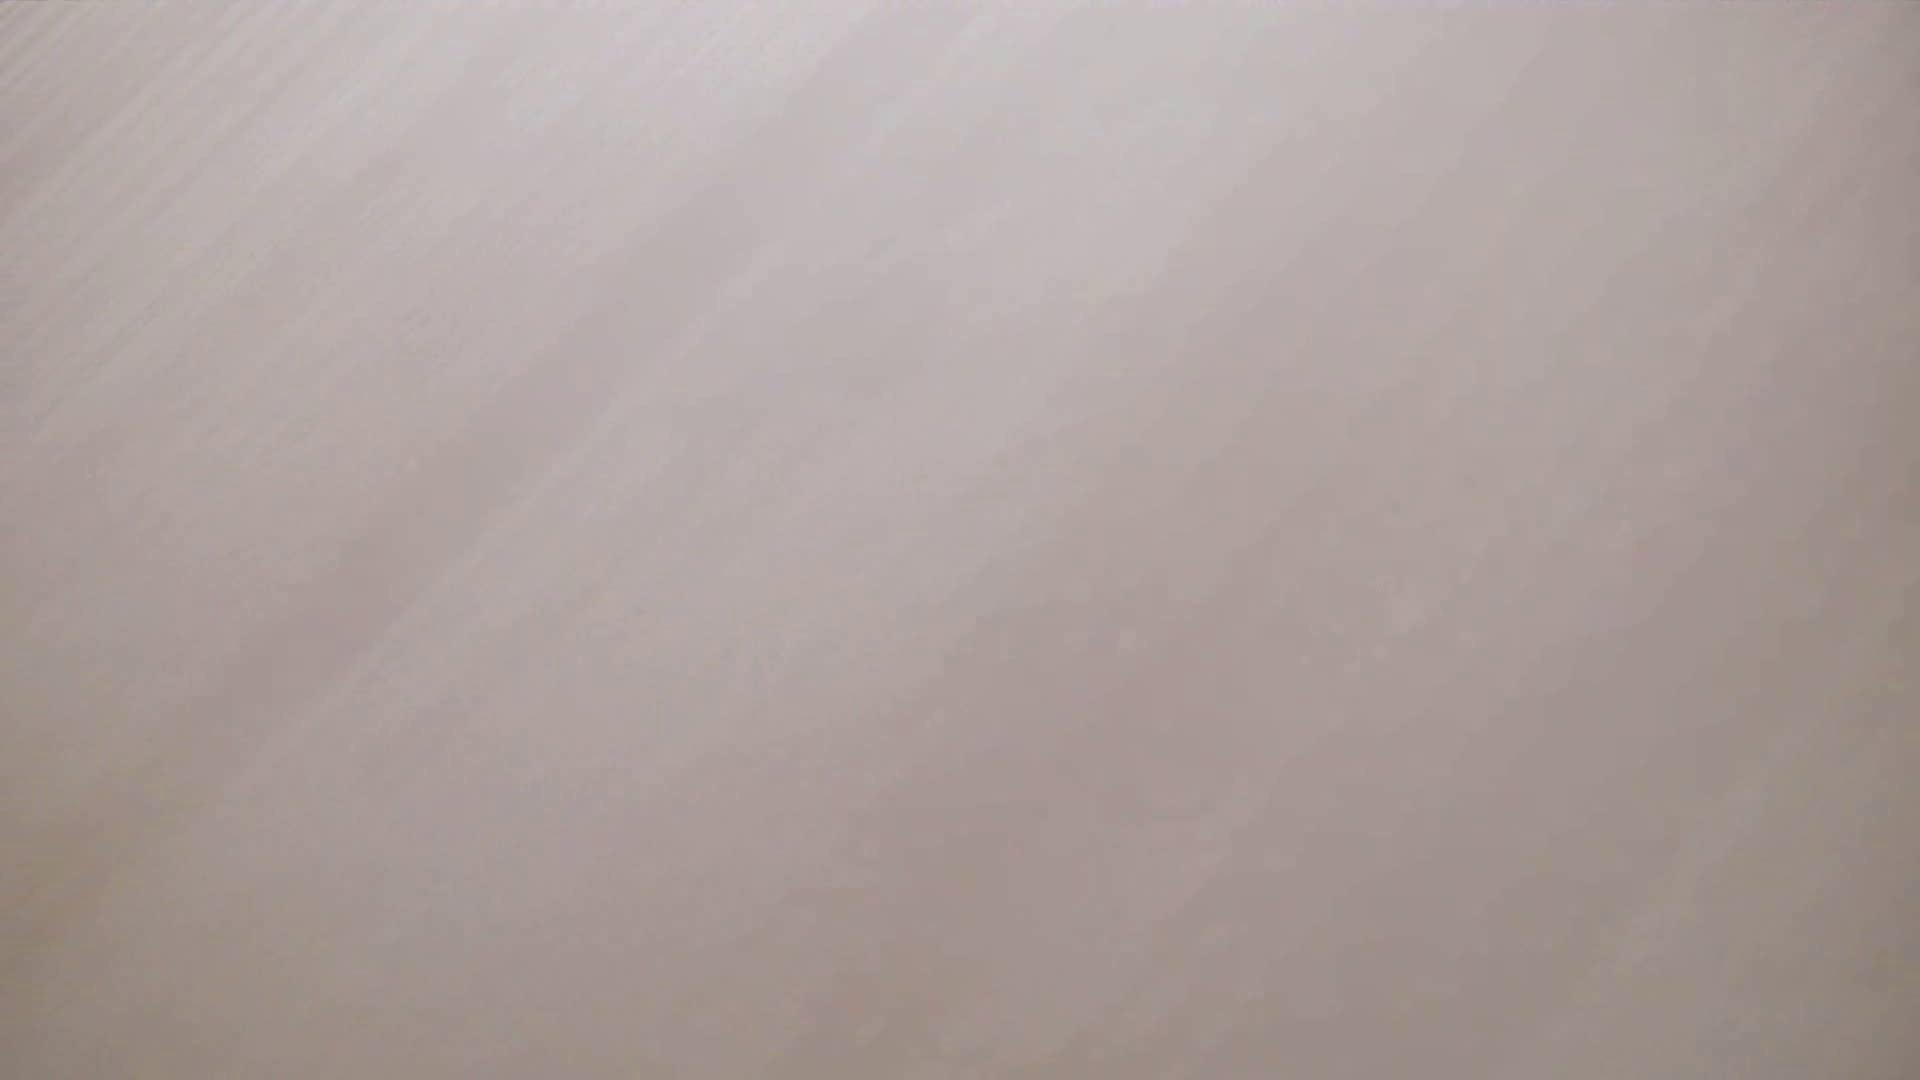 阿国ちゃんの「和式洋式七変化」No.16 洗面所  56PIX 23